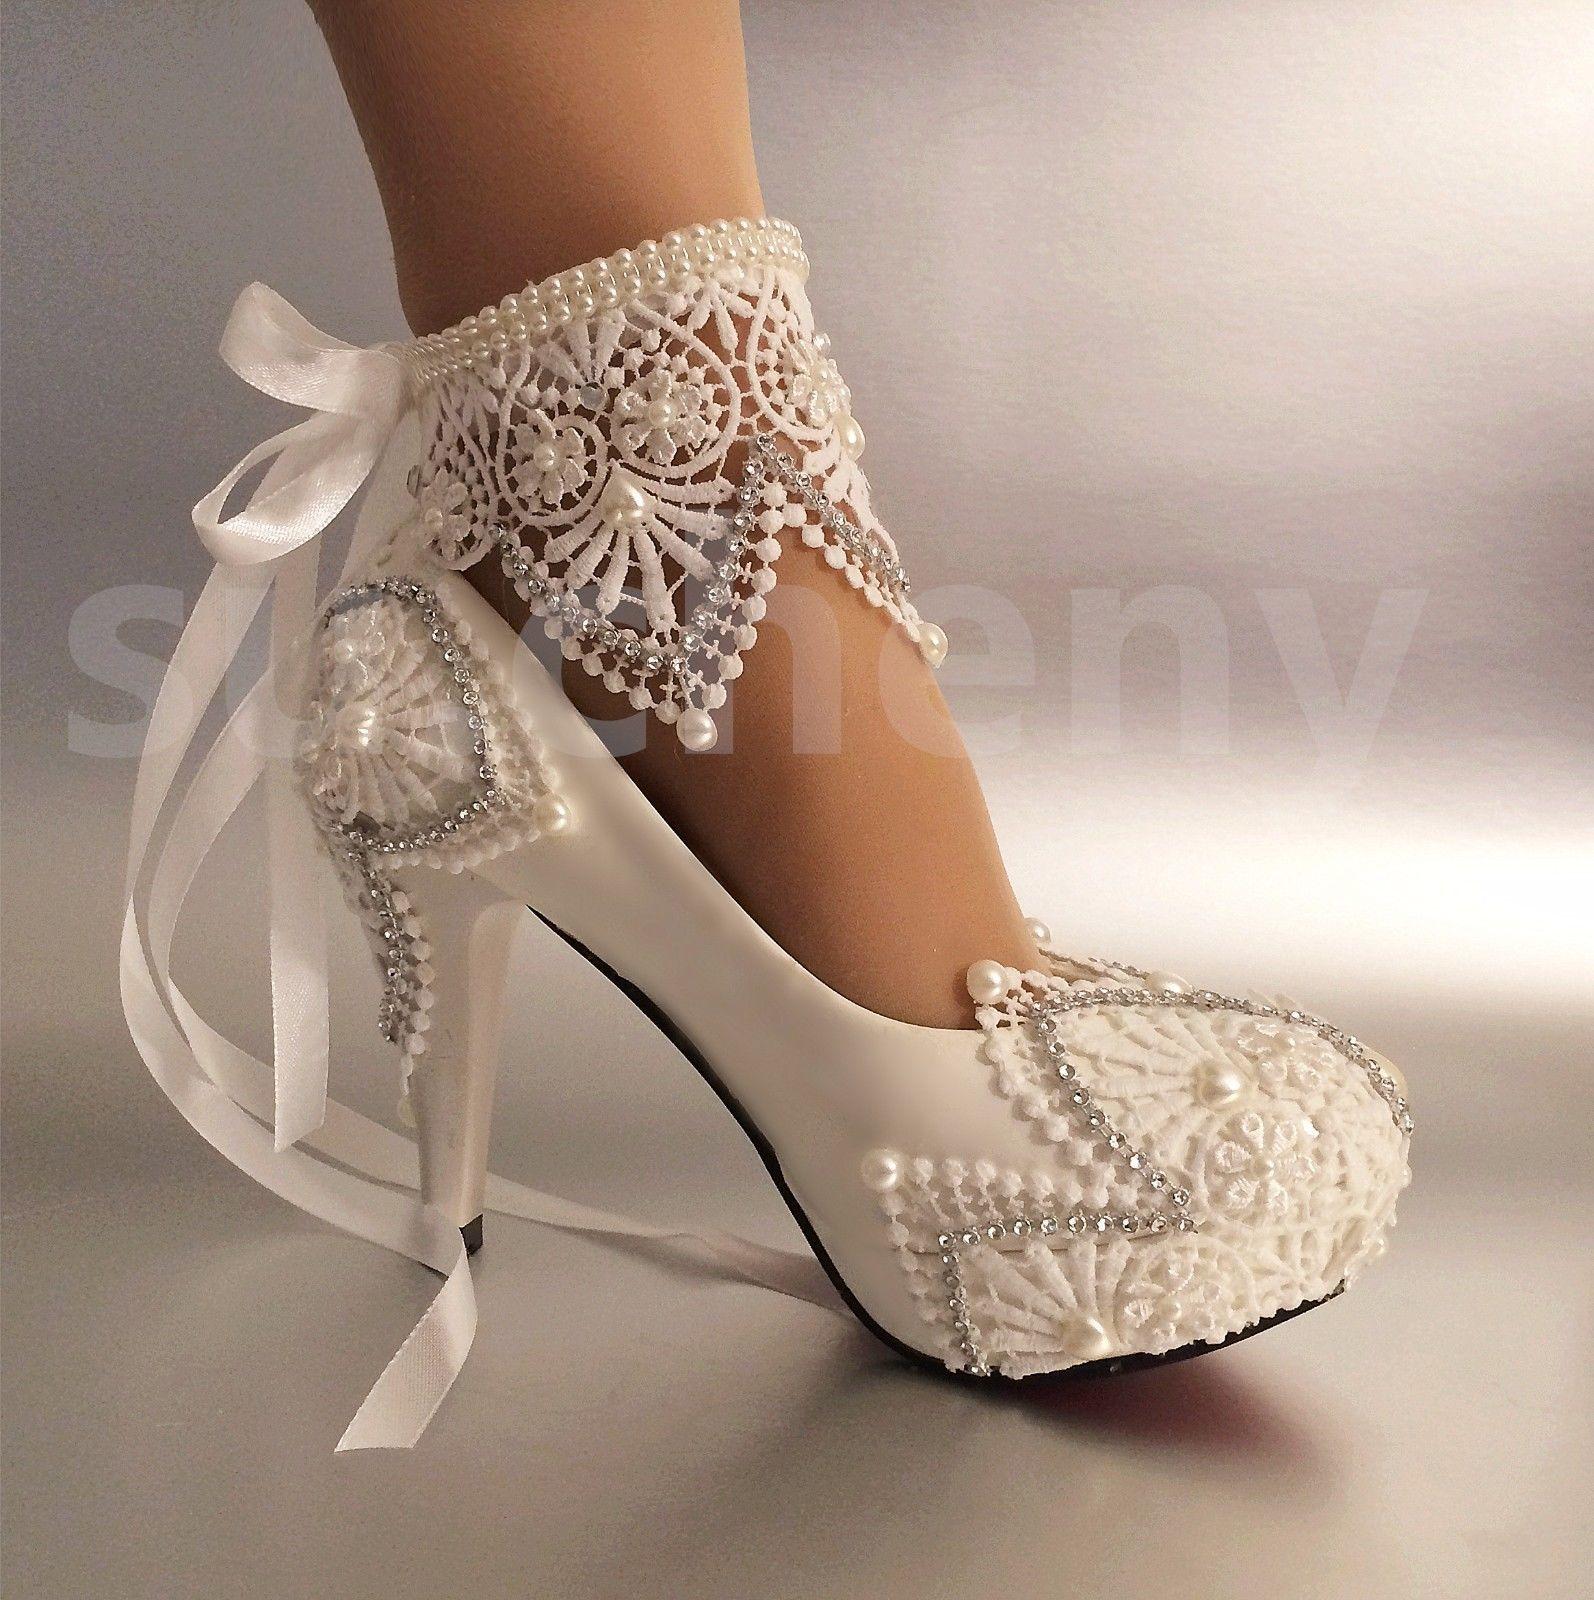 3 4 Heel White Ivory Lace Ribbon Ankle Pearls Wedding Shoes Bride Size 5 11 Ebay Weddingshoes Wedding Shoes Bride Wedding Shoes Pearl Wedding Shoes